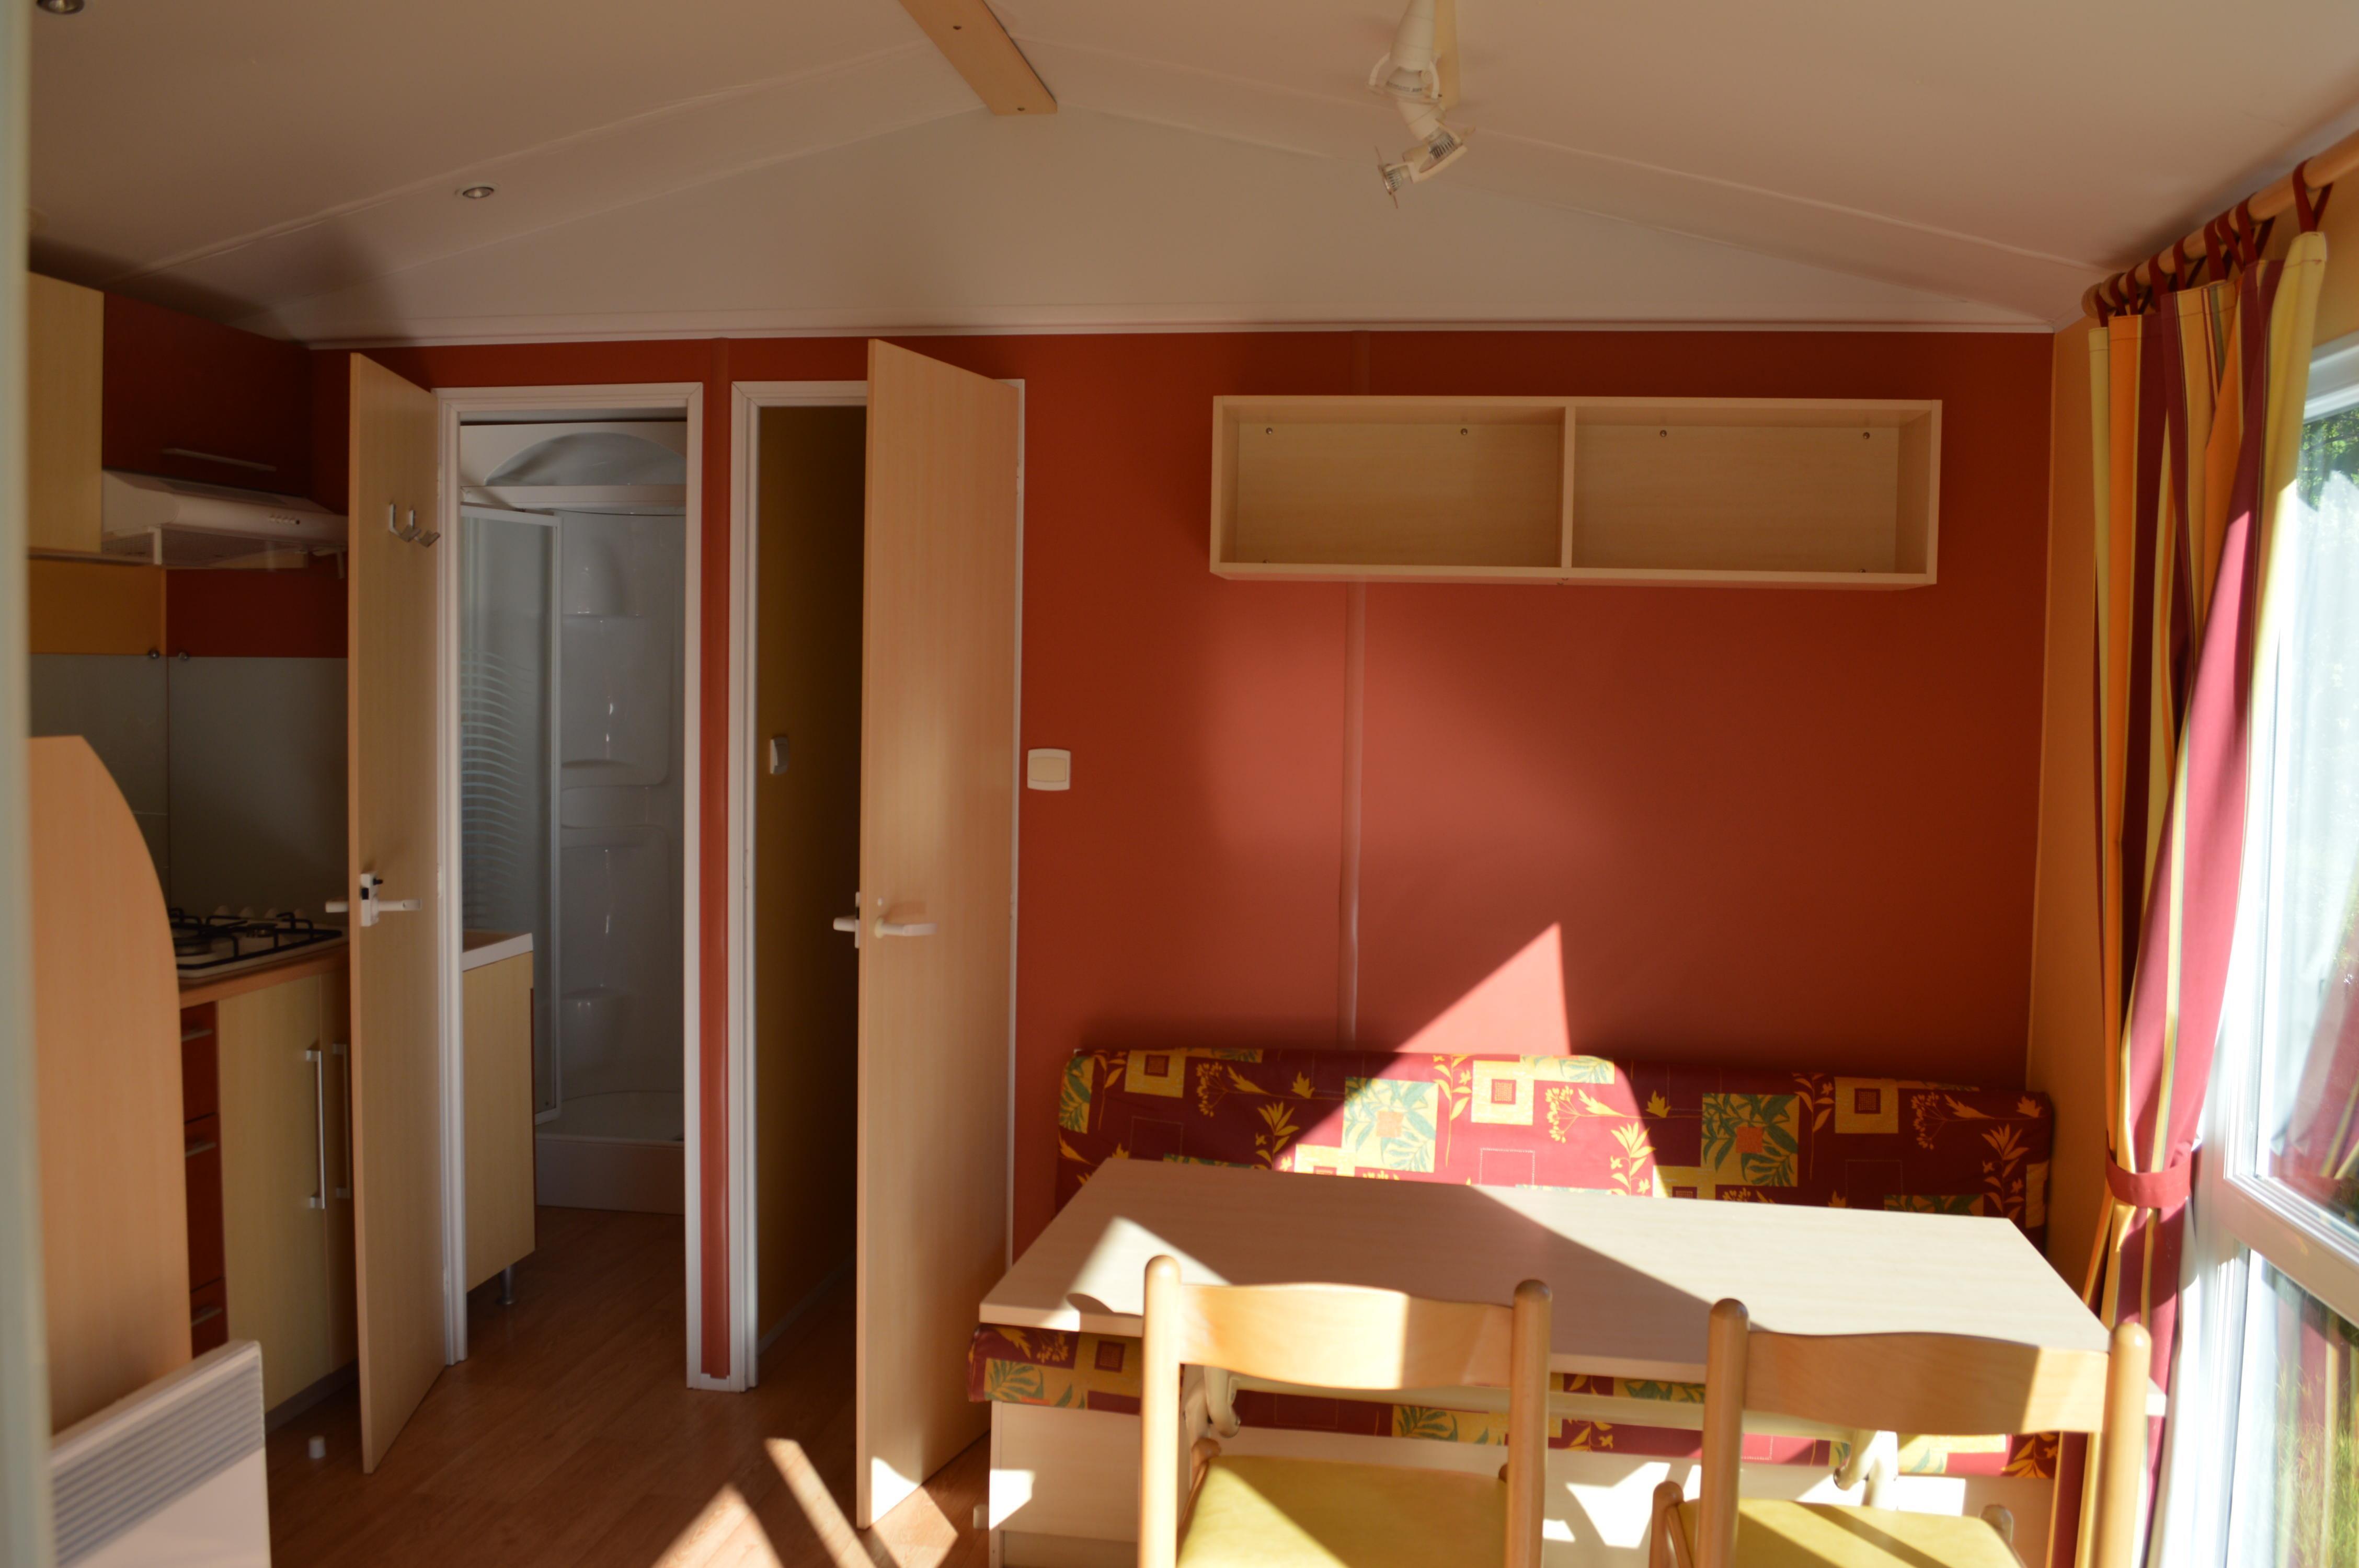 Location - Mobil Home Standard Savanah Avec Tv Dimanche- 2 Chambres + Terrasse - Camping Baie de Térénez